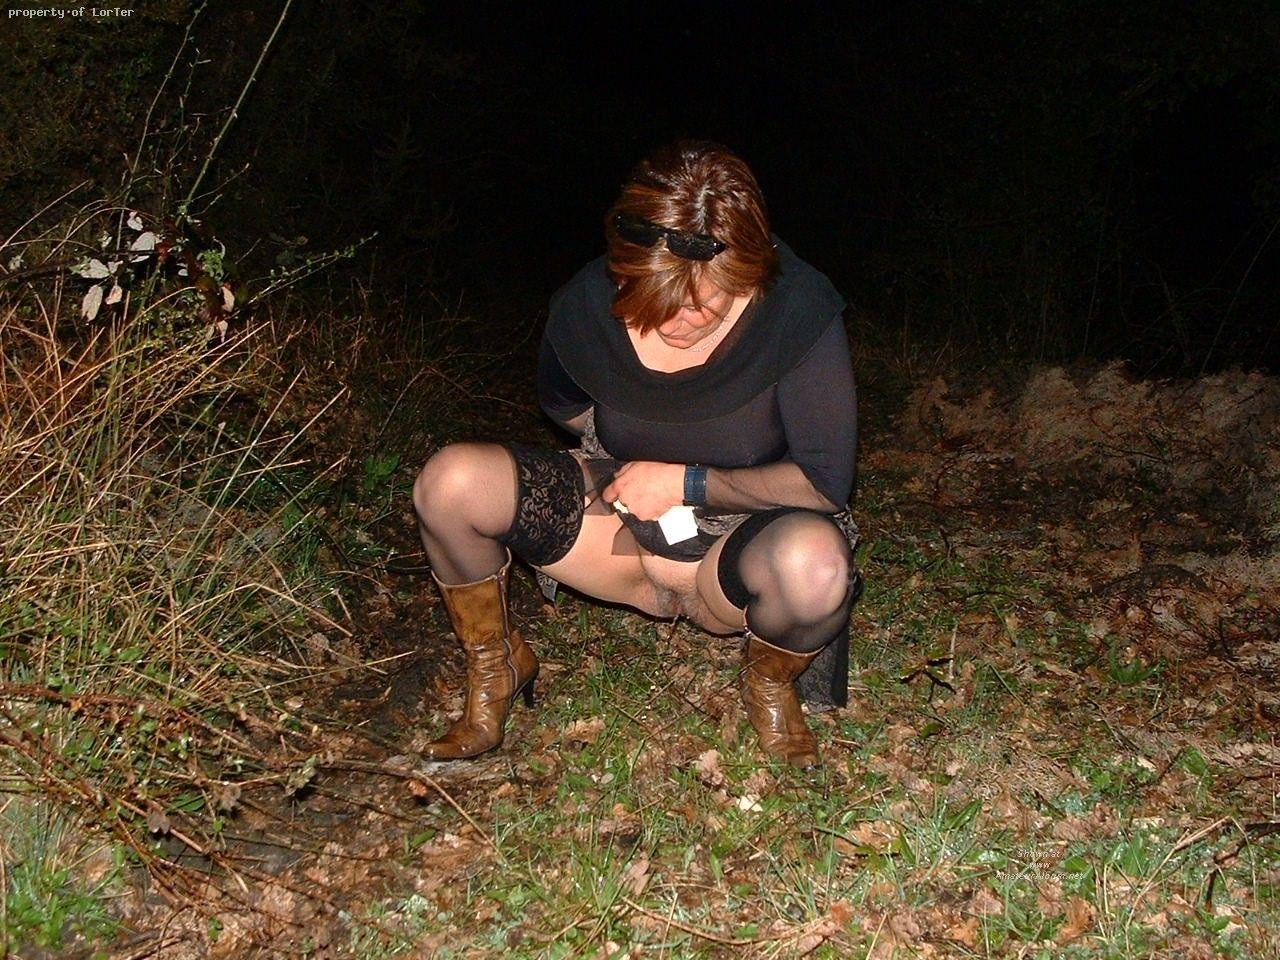 девушки писают на природе фото